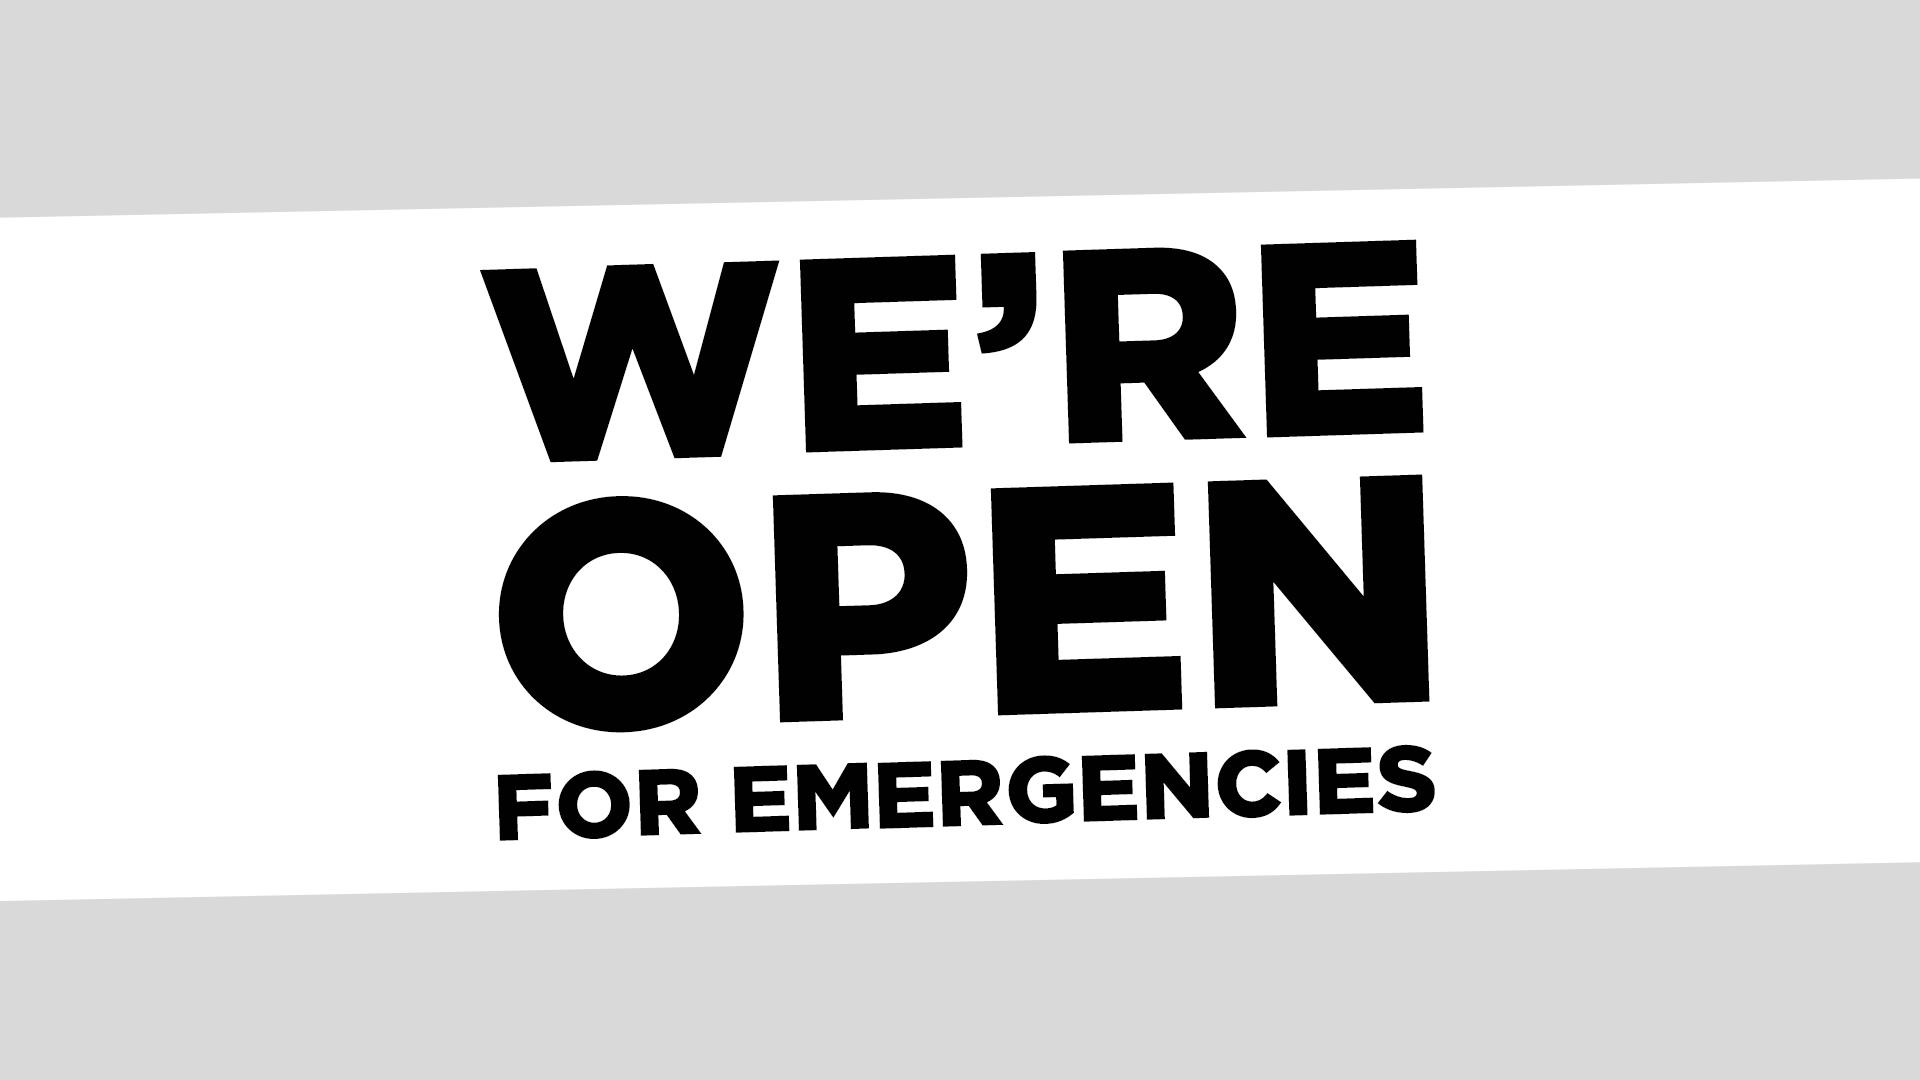 WE'RE OPEN (for emergencies)